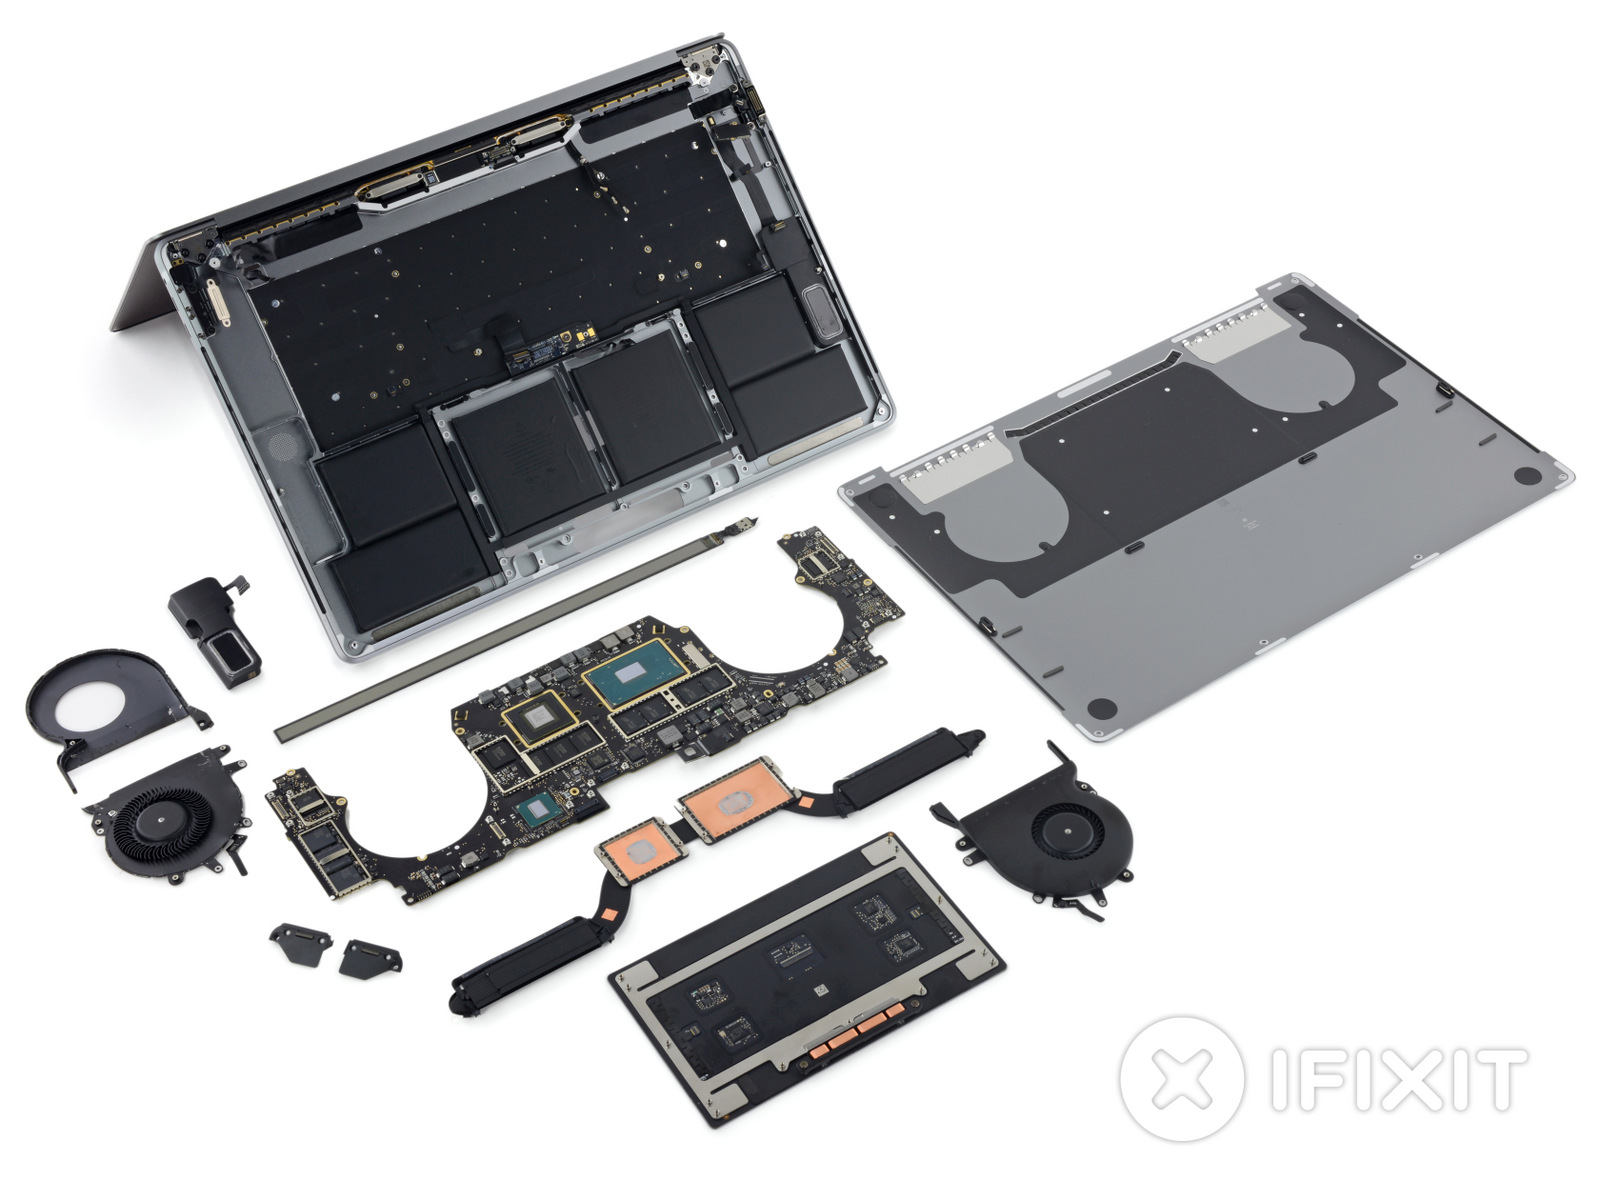 Энтузиасты запустили Doom насенсорной панели нового MacBook